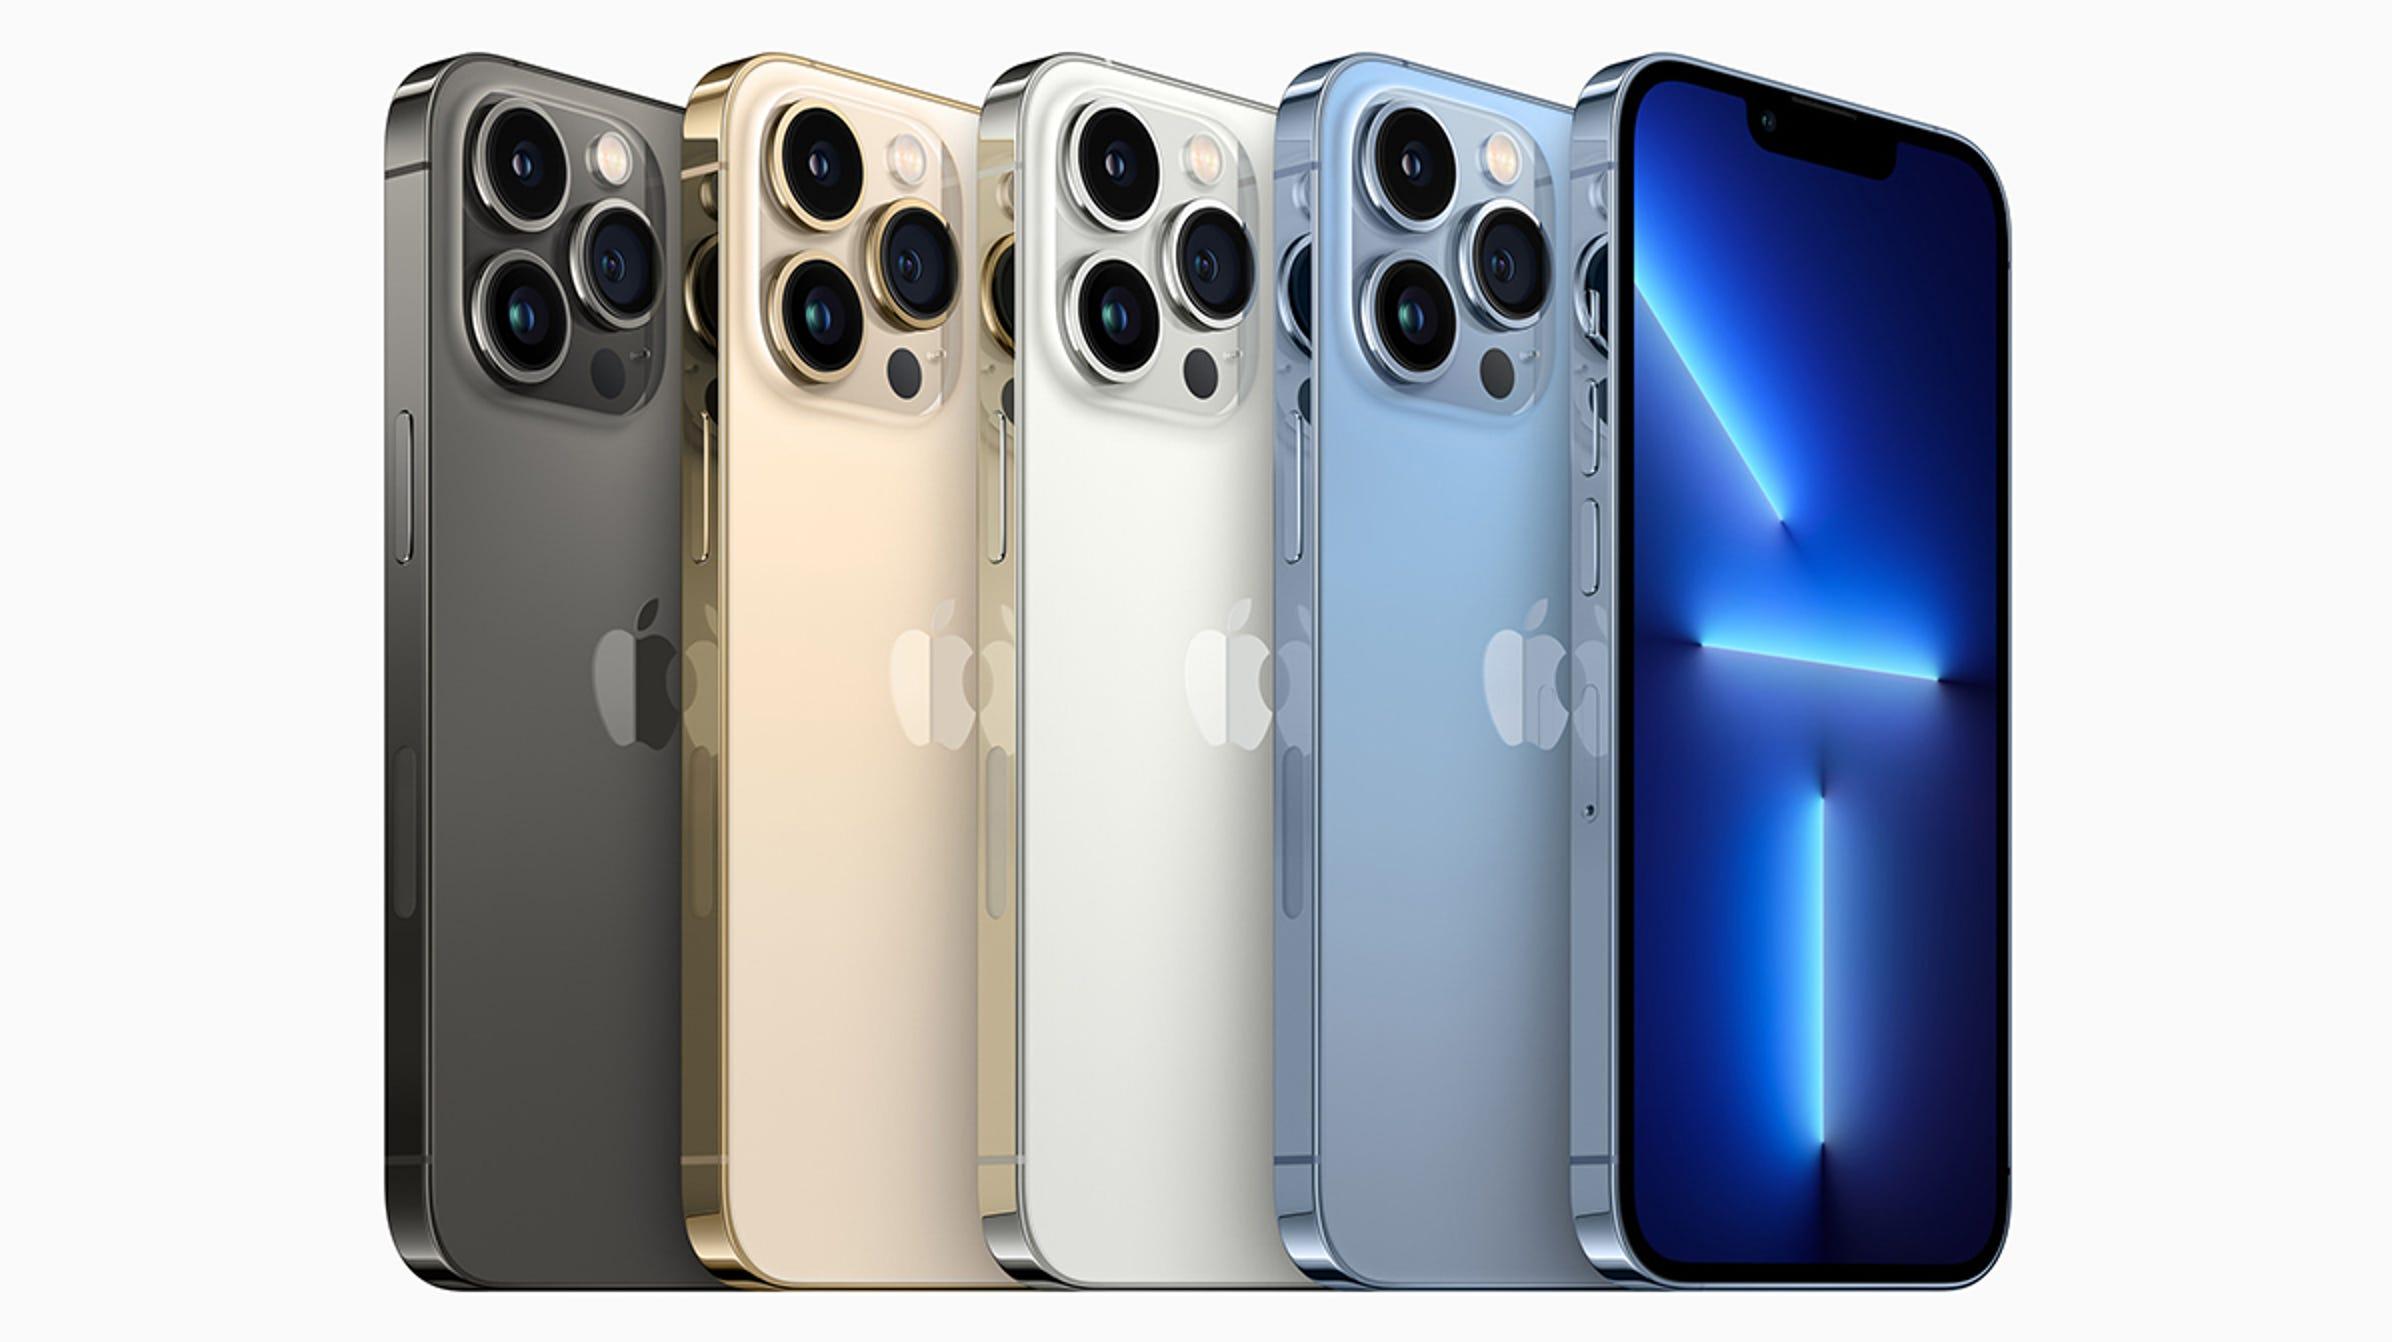 La pantalla del iPhone 13 Pro se ajusta según cómo lo esté usando